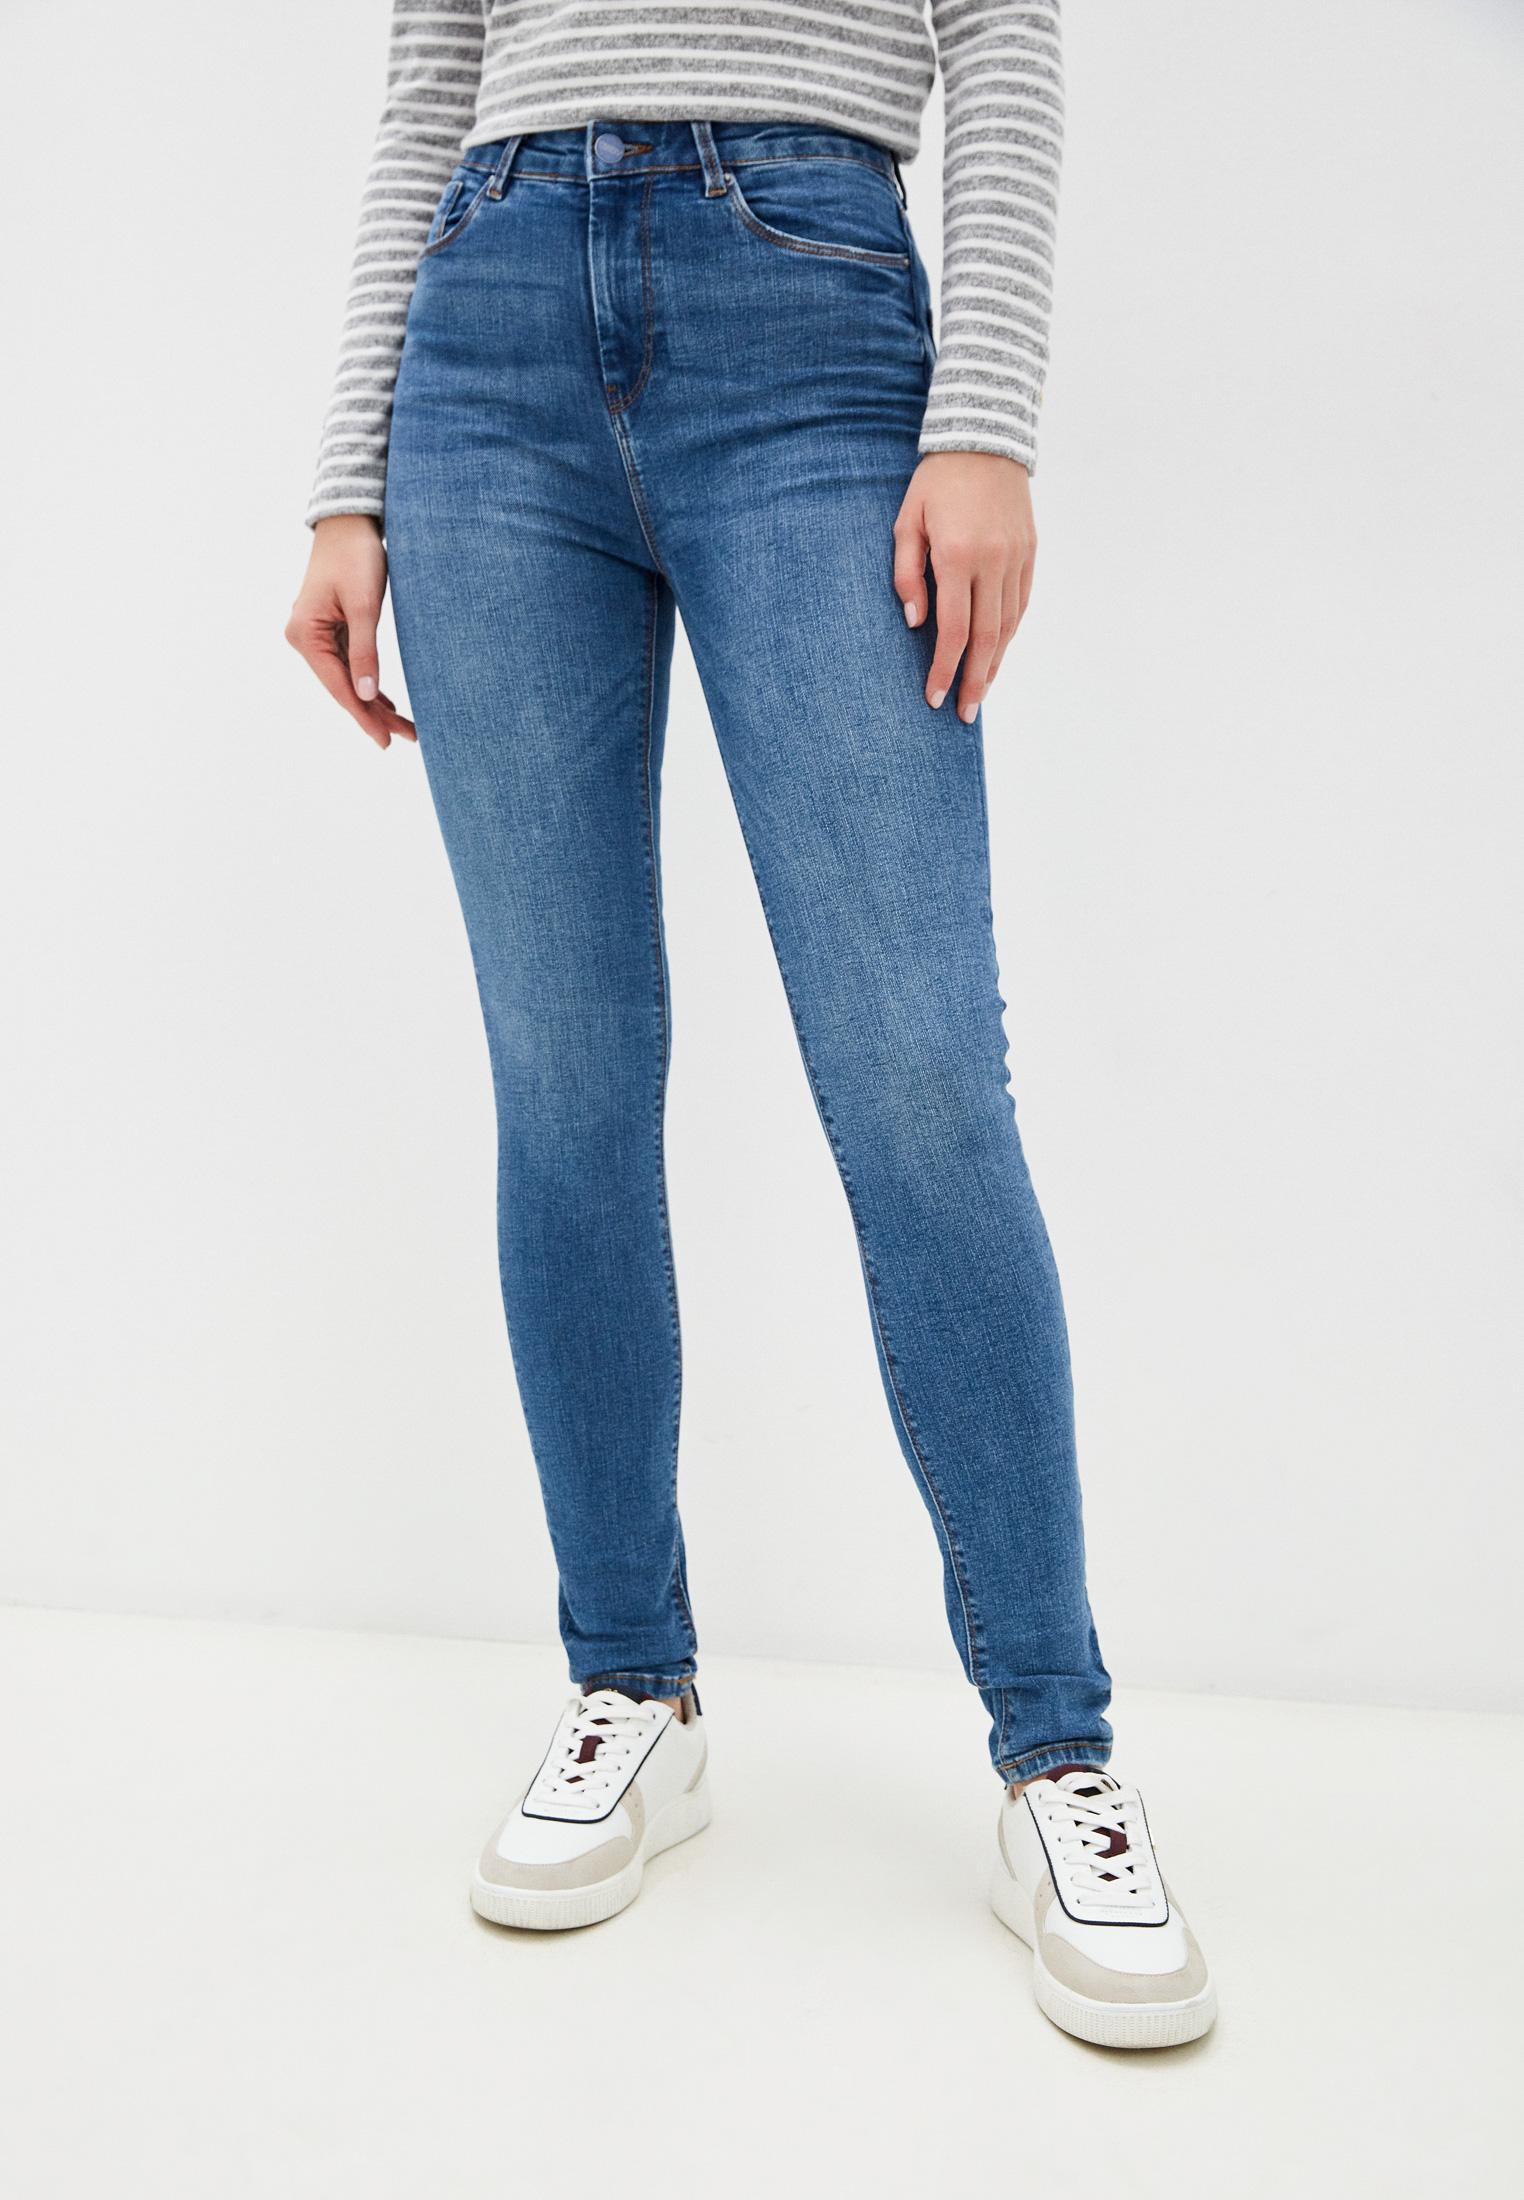 Зауженные джинсы SPRINGFIELD Джинсы Springfield